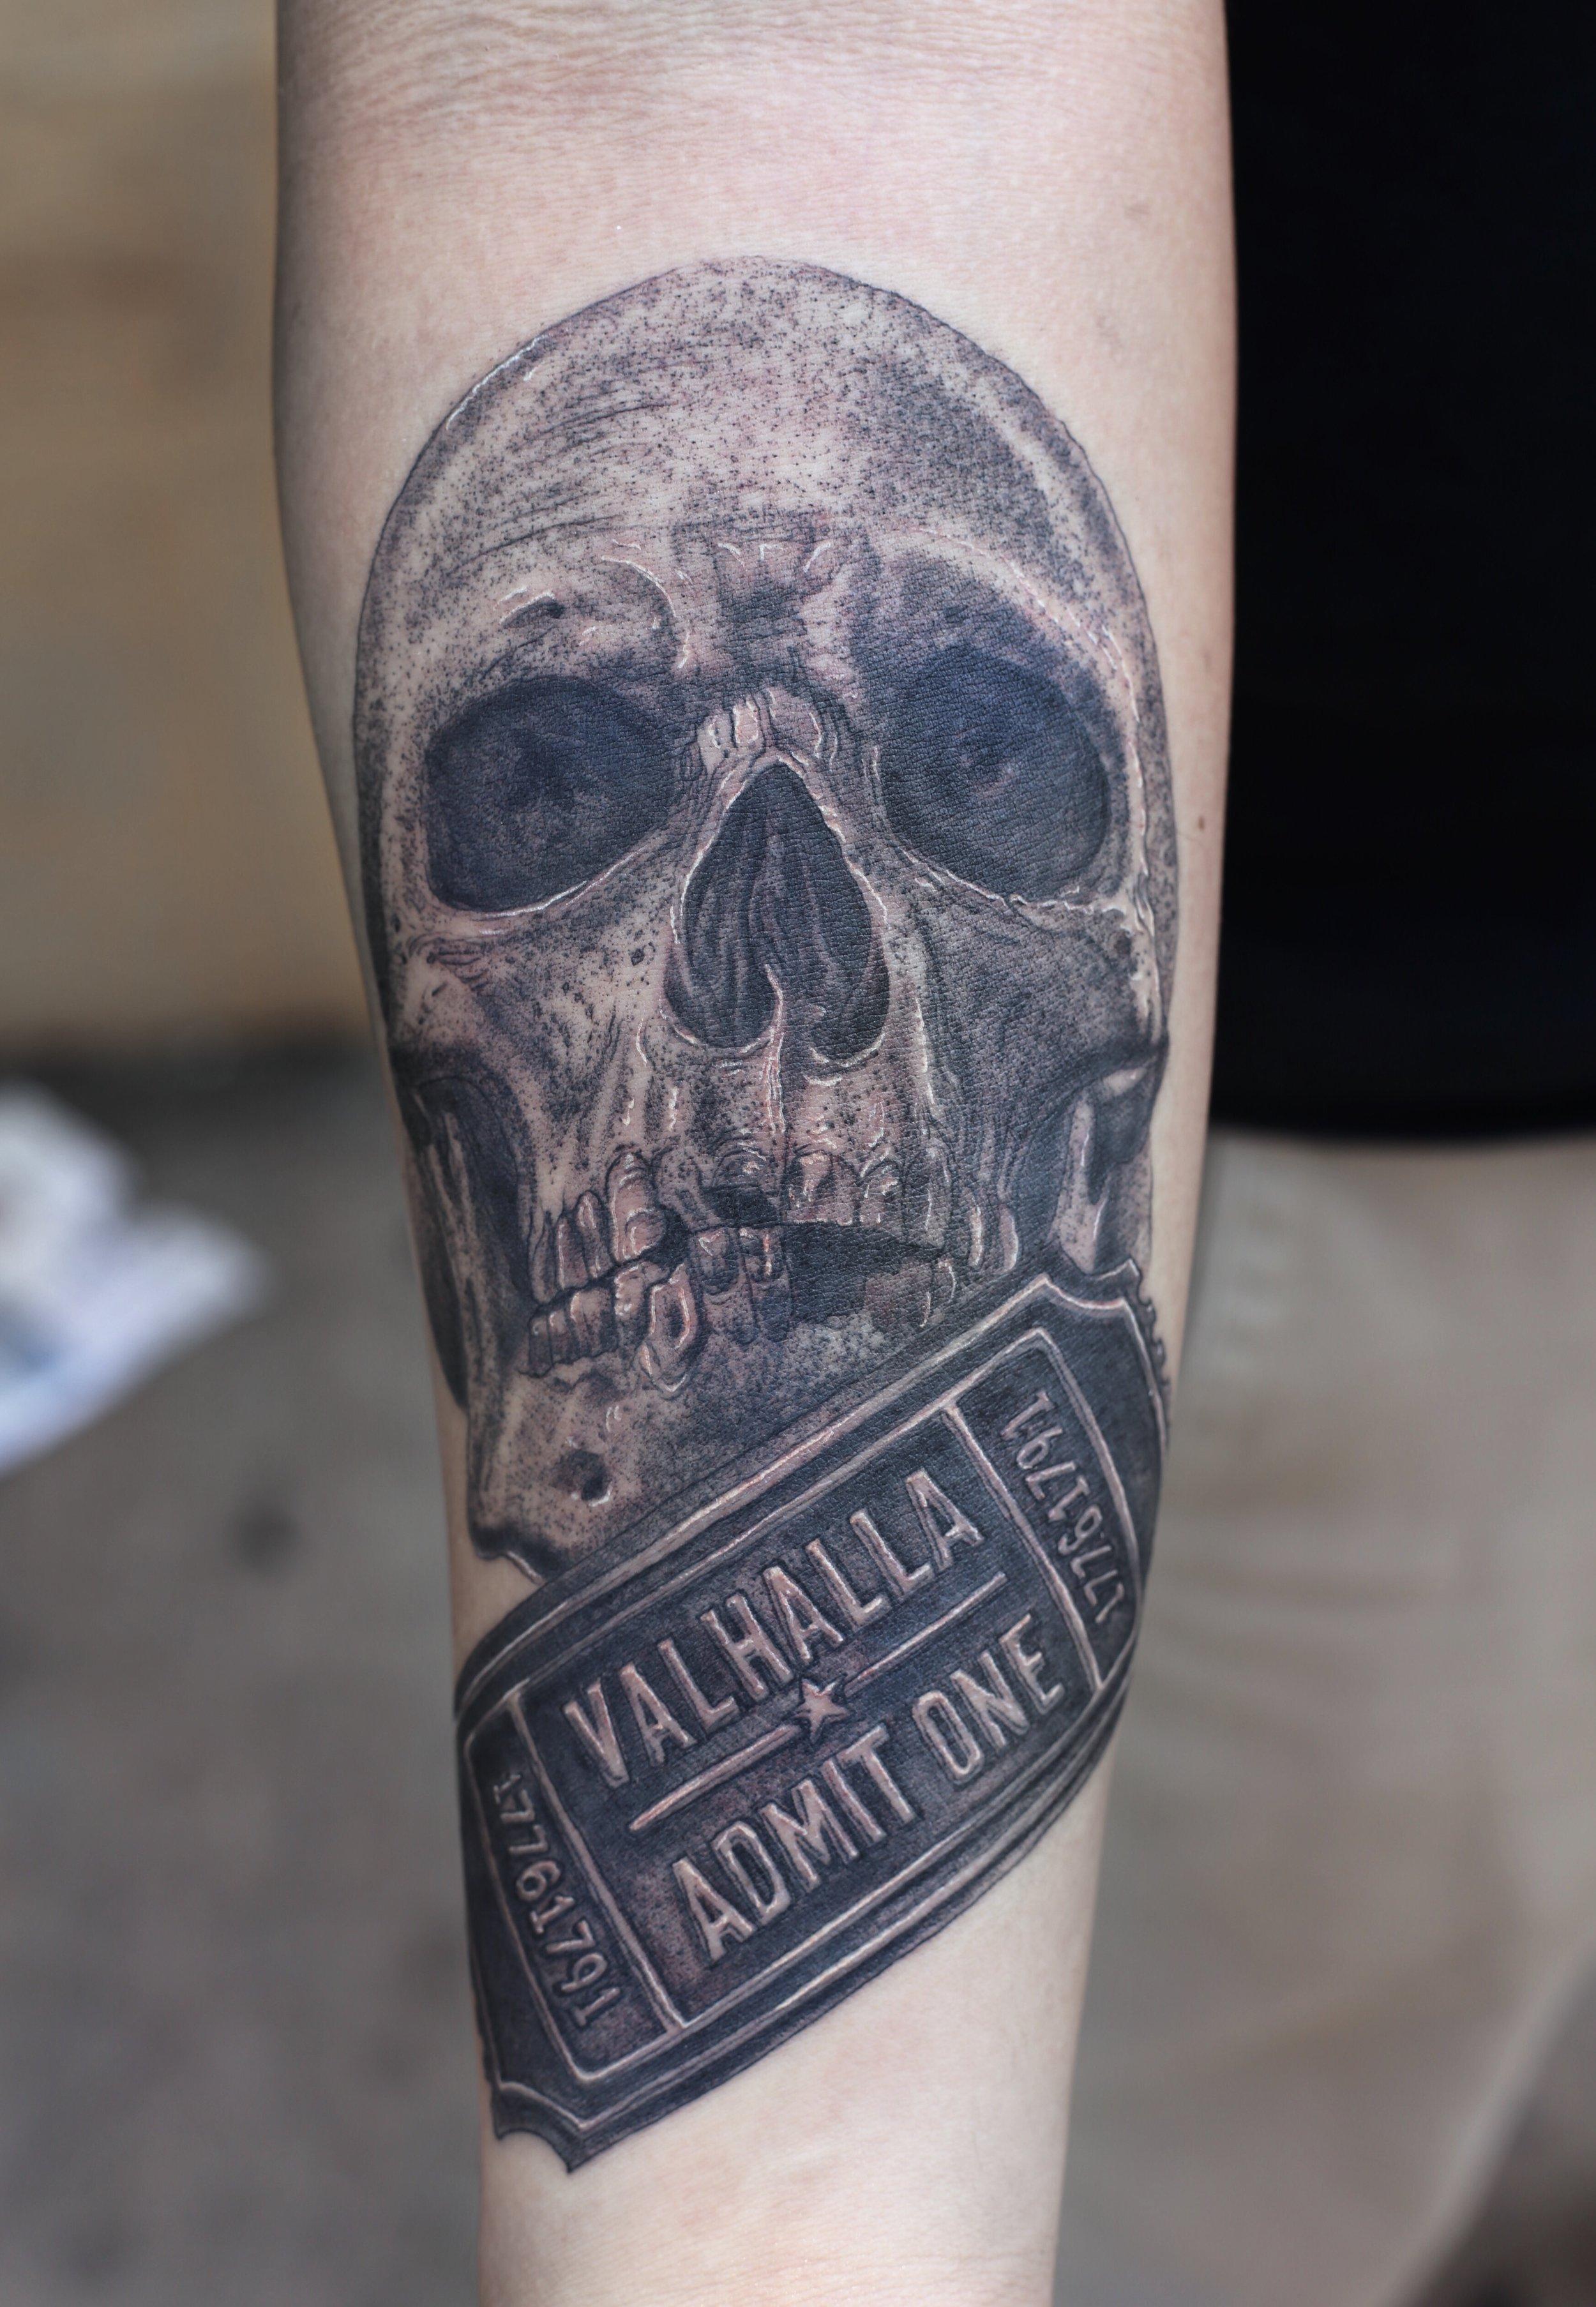 Enrique Ejay Bernal dallas tattoo best RIP blue lives matter.jpg